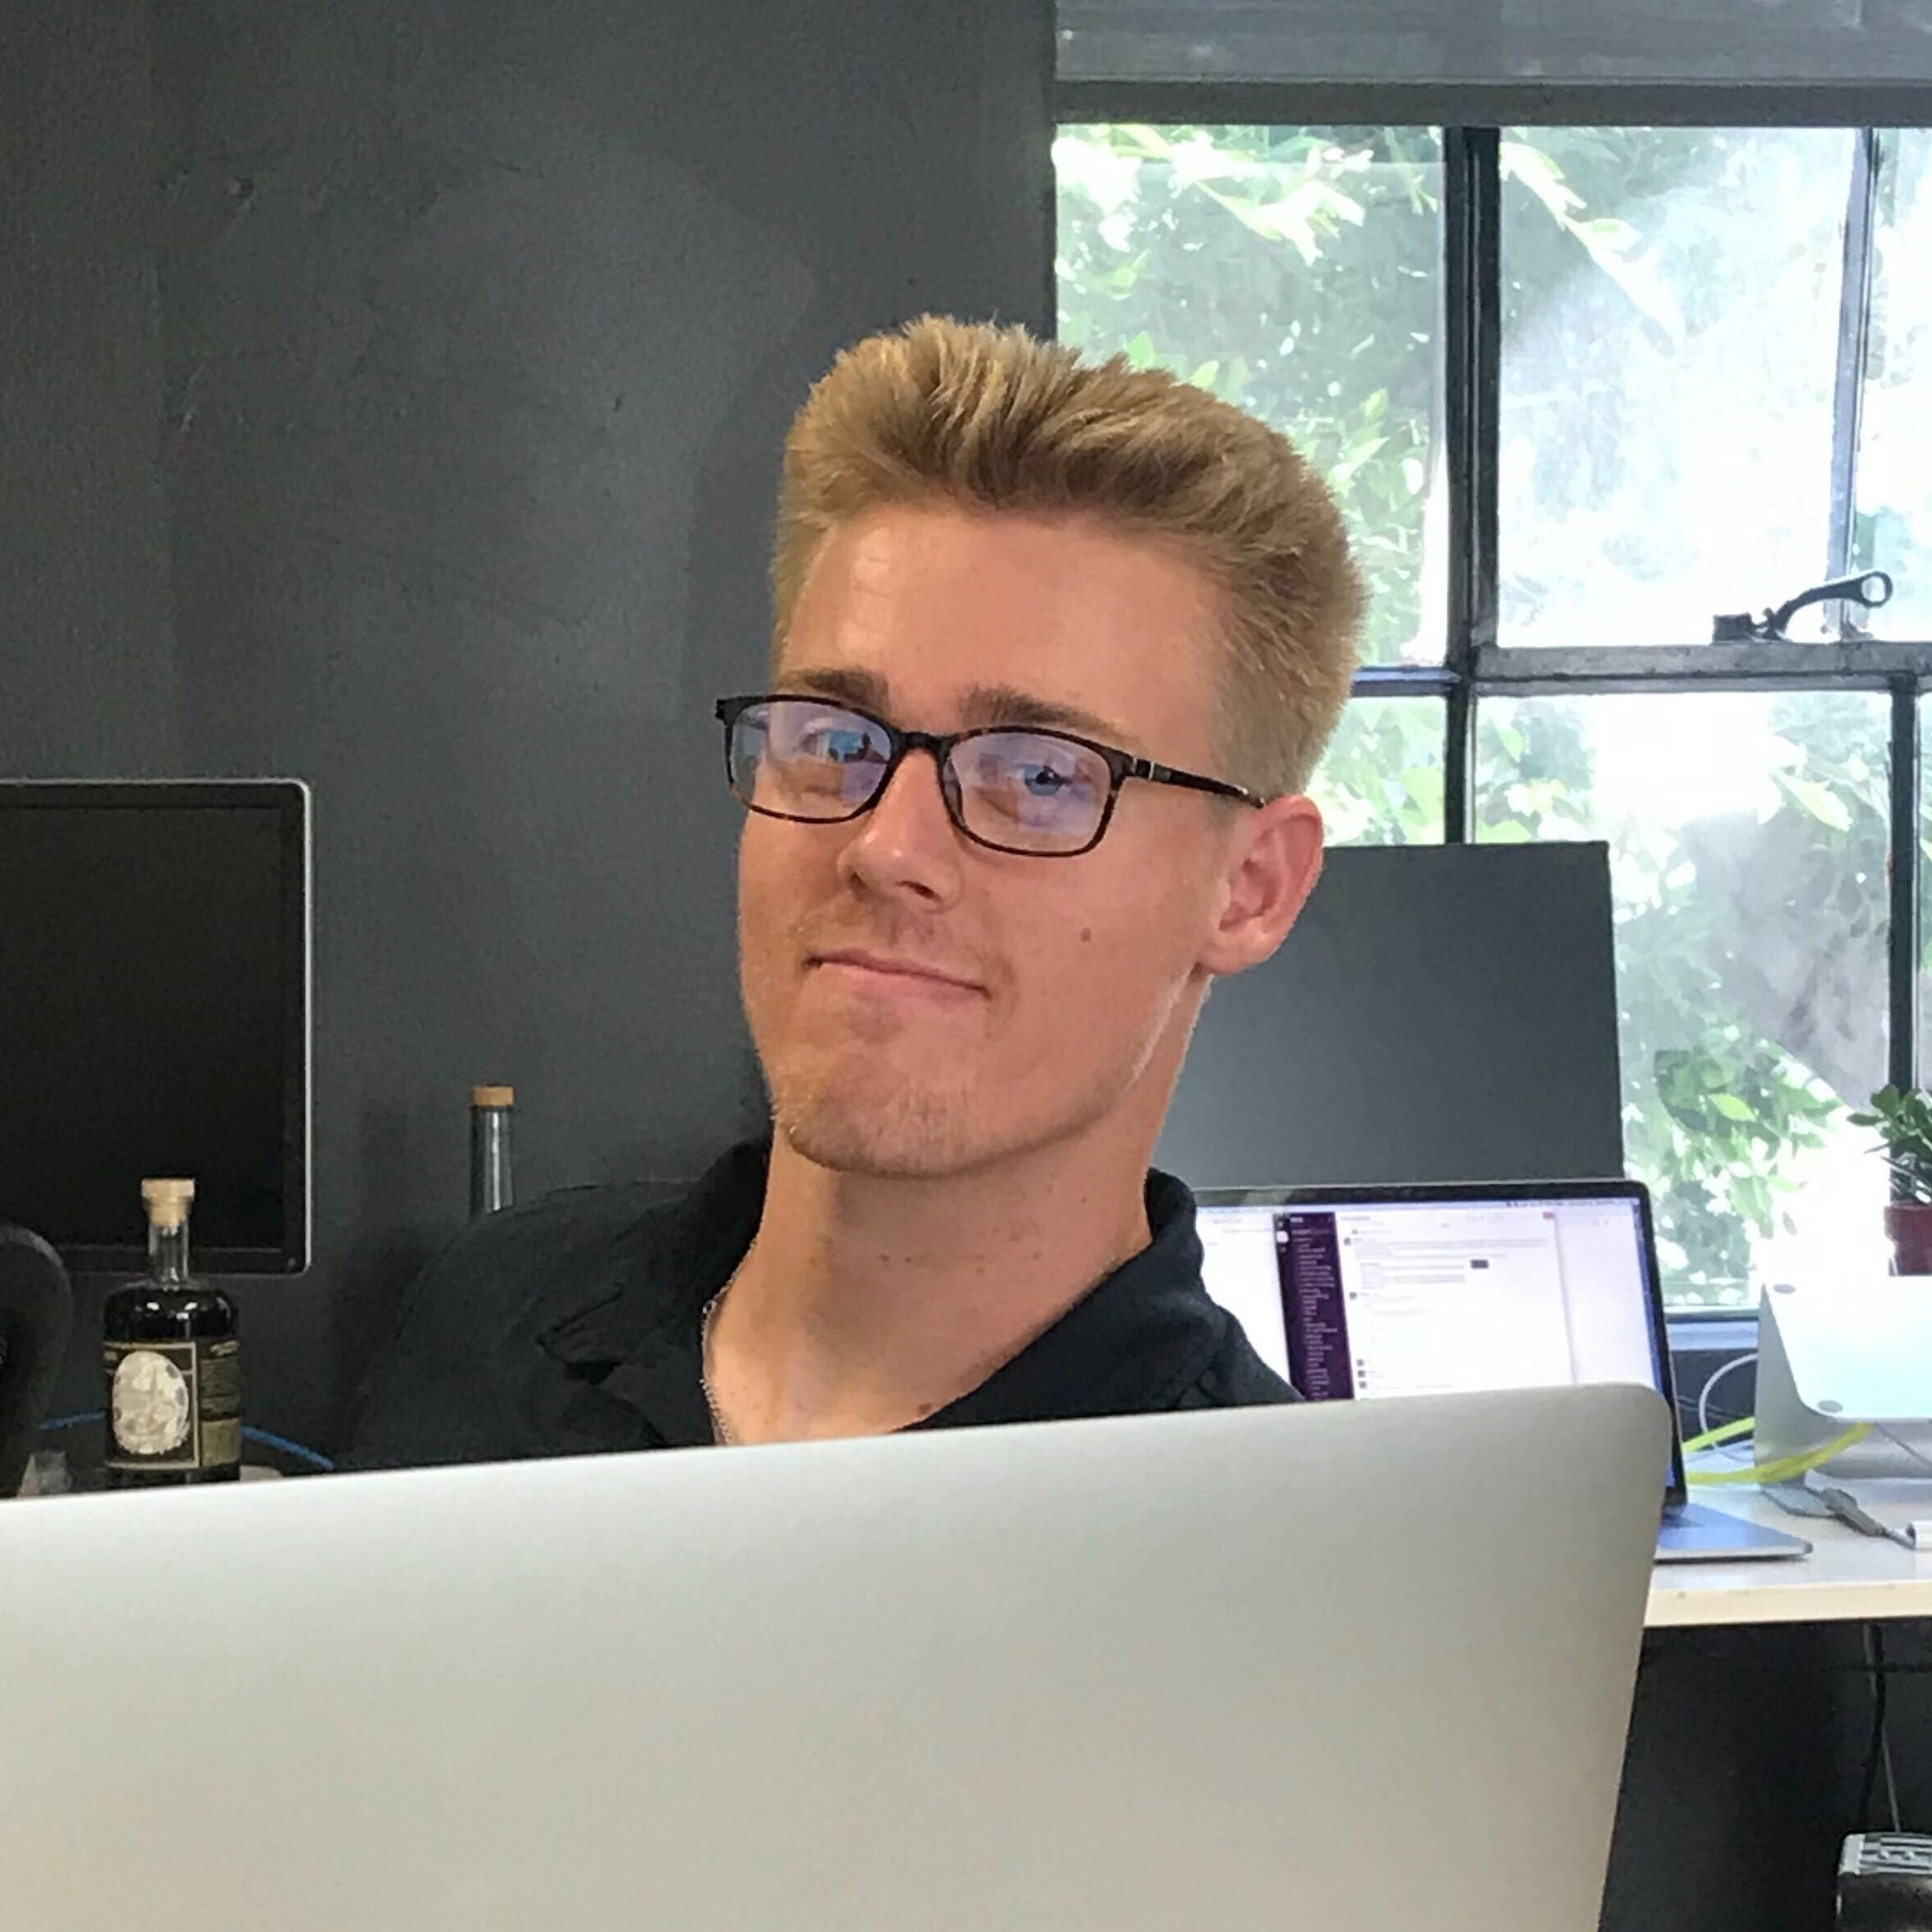 Ben Keene - Automation Expert